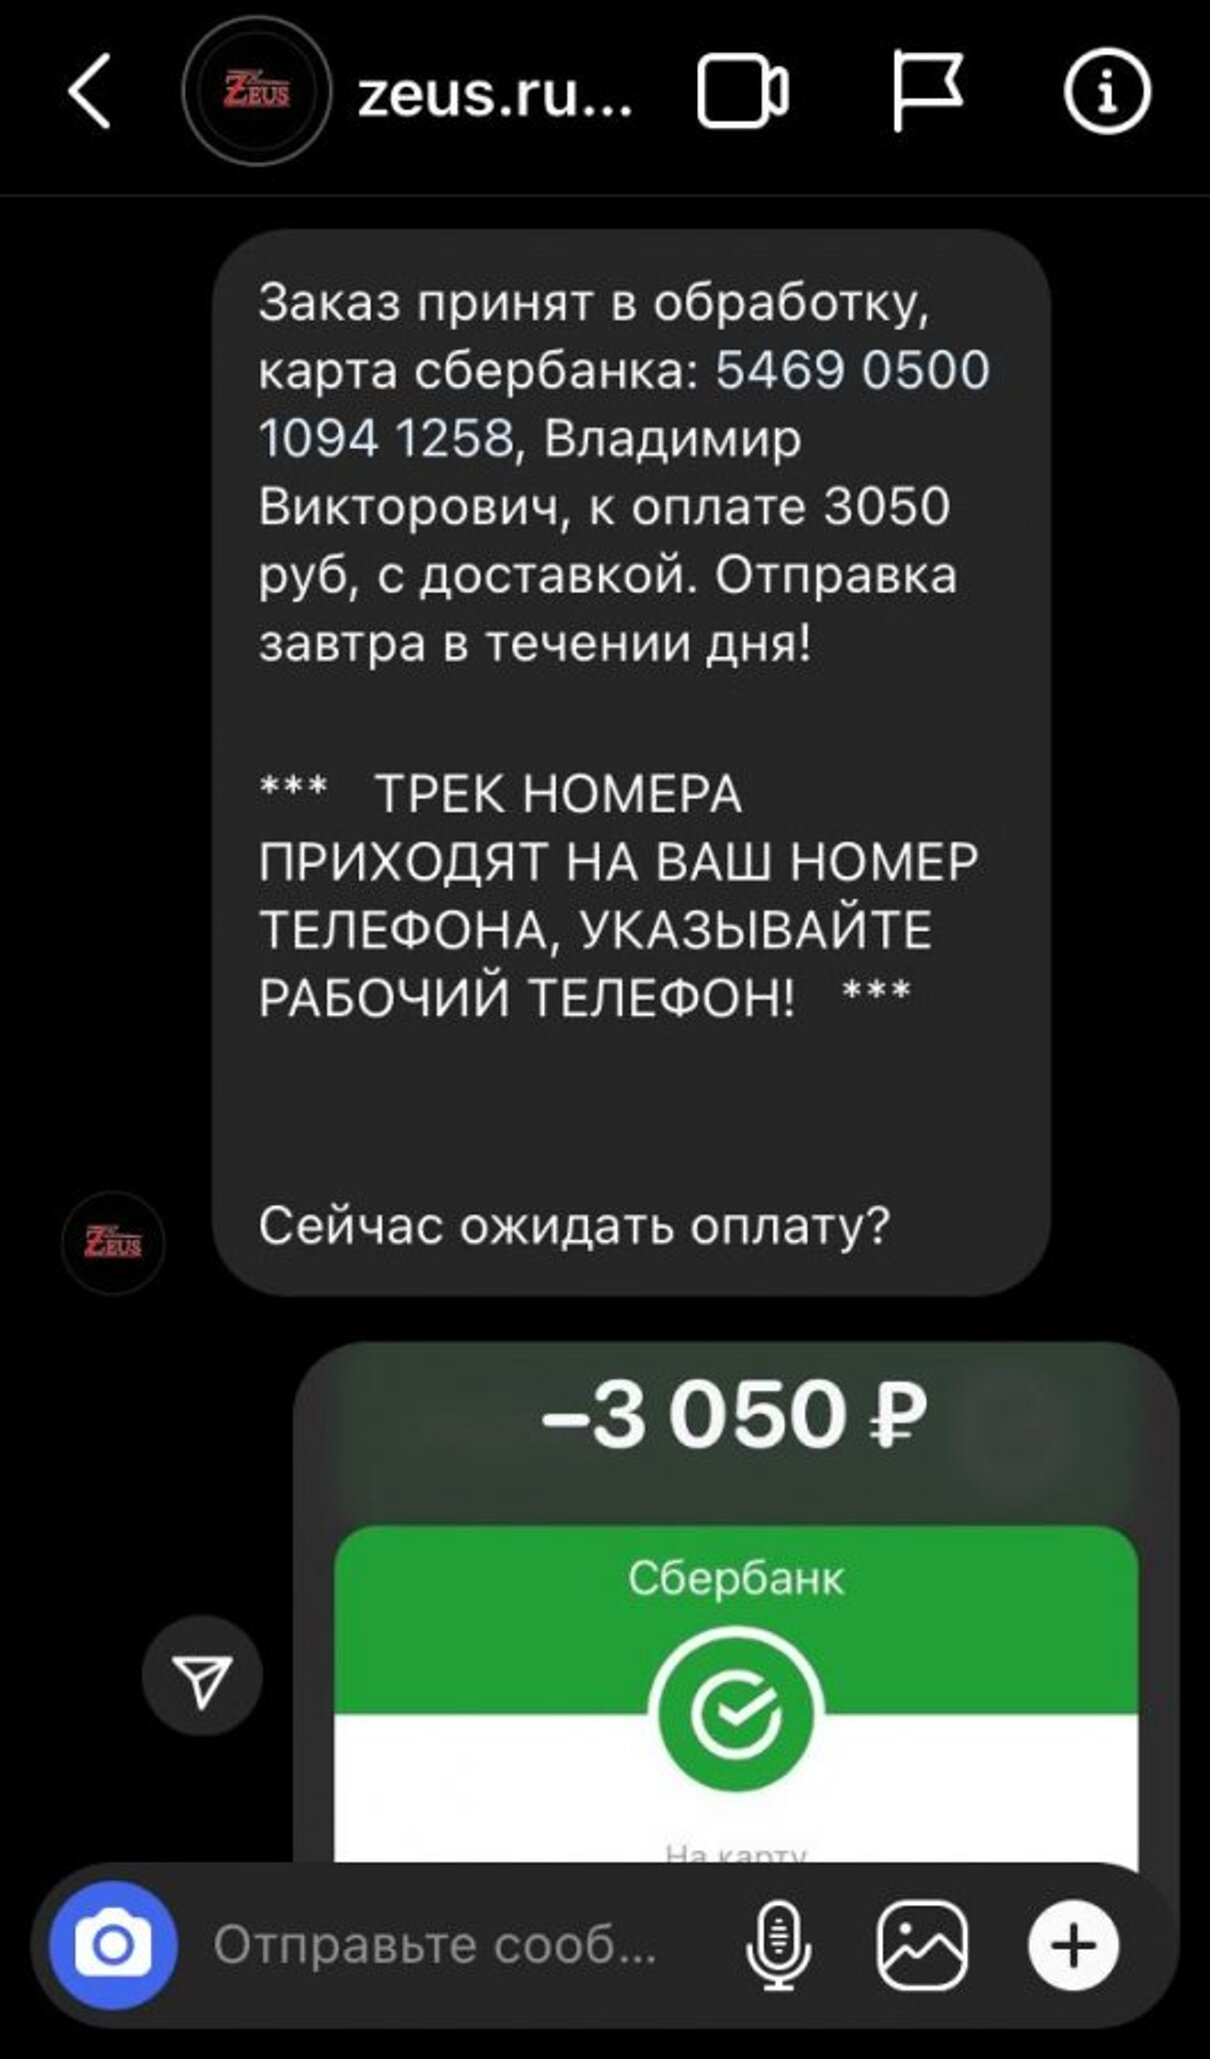 Жалоба-отзыв: Zeus.russia.shop - Мошенники.  Фото №3